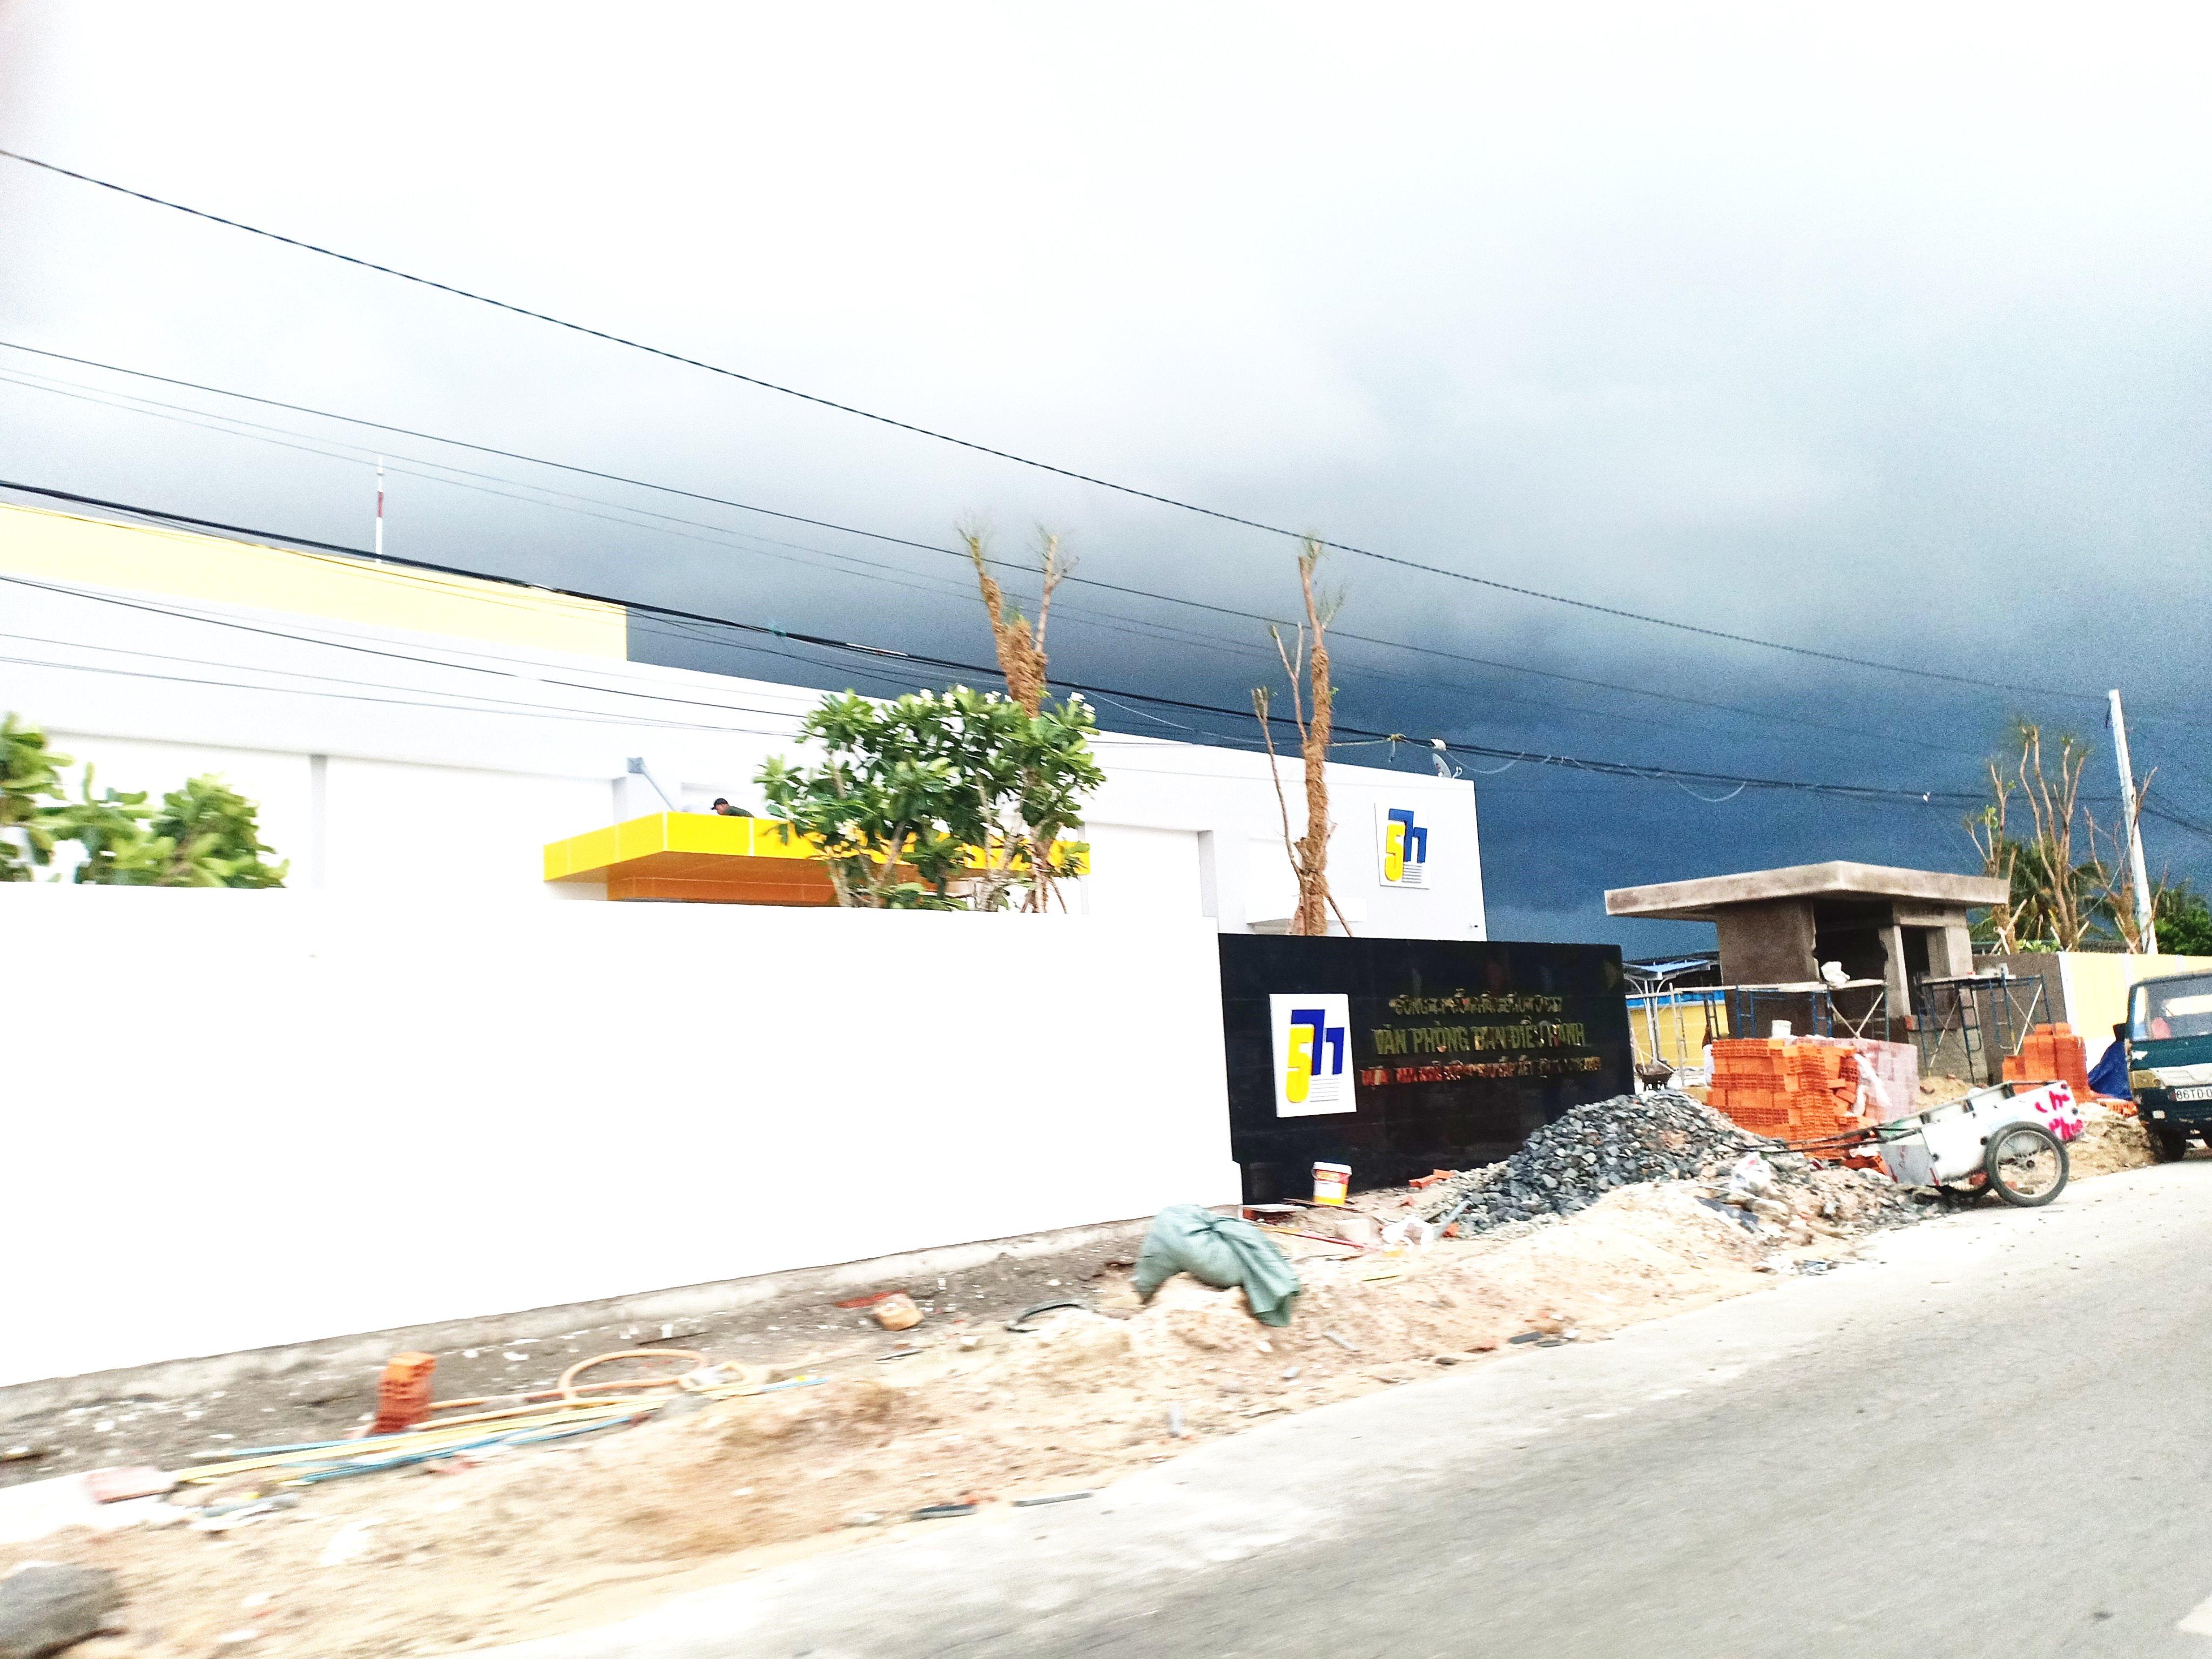 Năm Bảy Bảy đã ghi nhận doanh thu KDC Sơn Tịnh, lãi 6 tháng hơn 101 tỉ đồng - Ảnh 3.